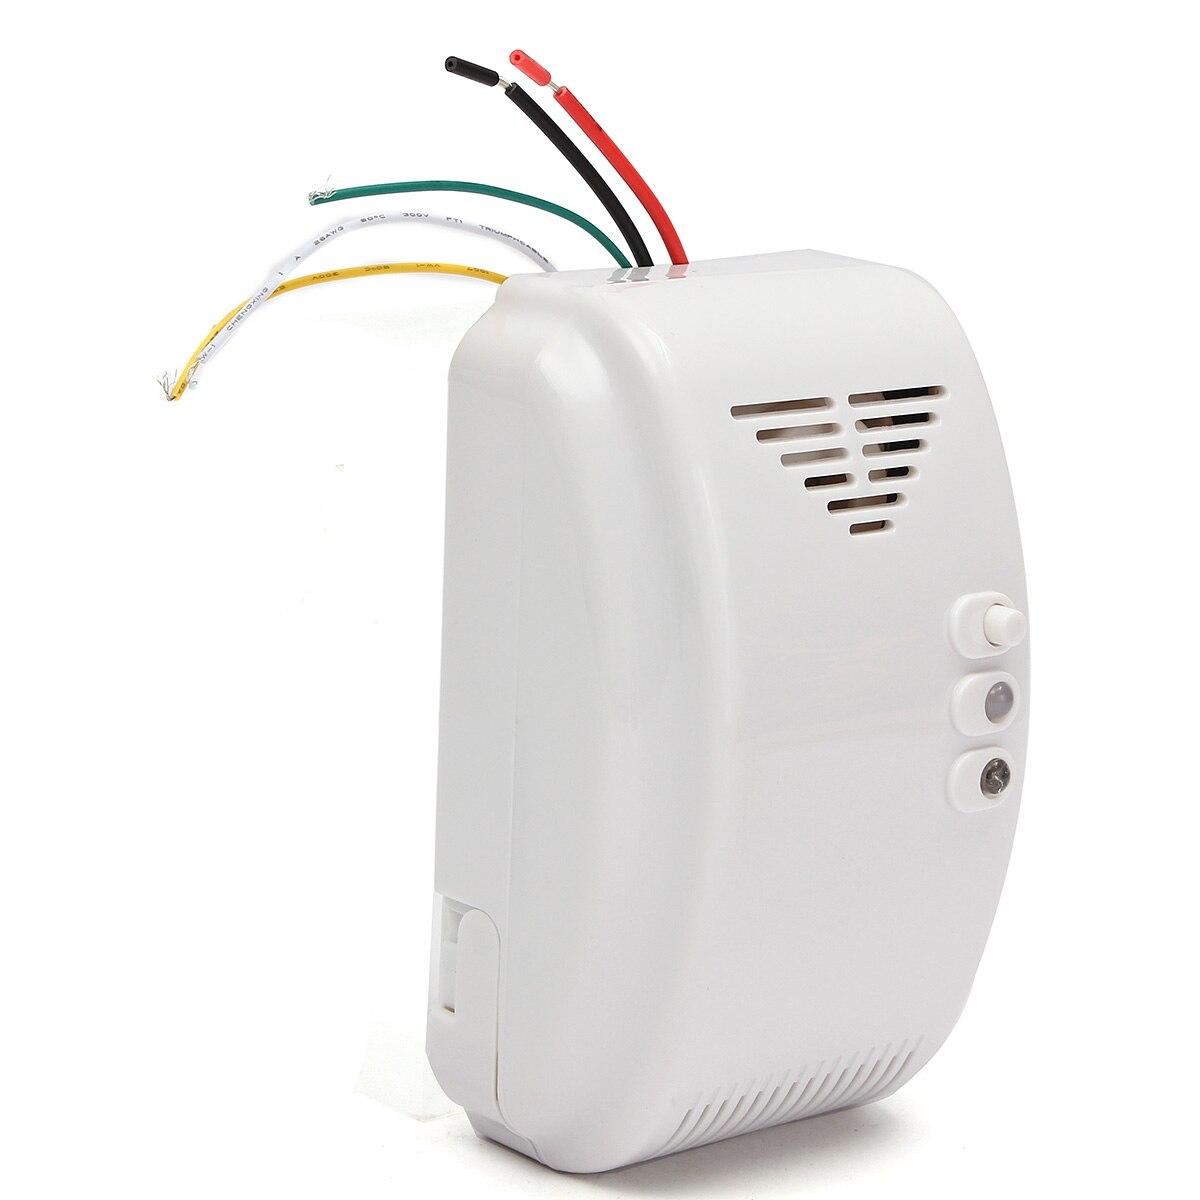 Nouveau 12 V détecteur de gaz capteur alarme Propane Butane LPG camping-car naturel pour la sécurité du système d'alarme à domicile